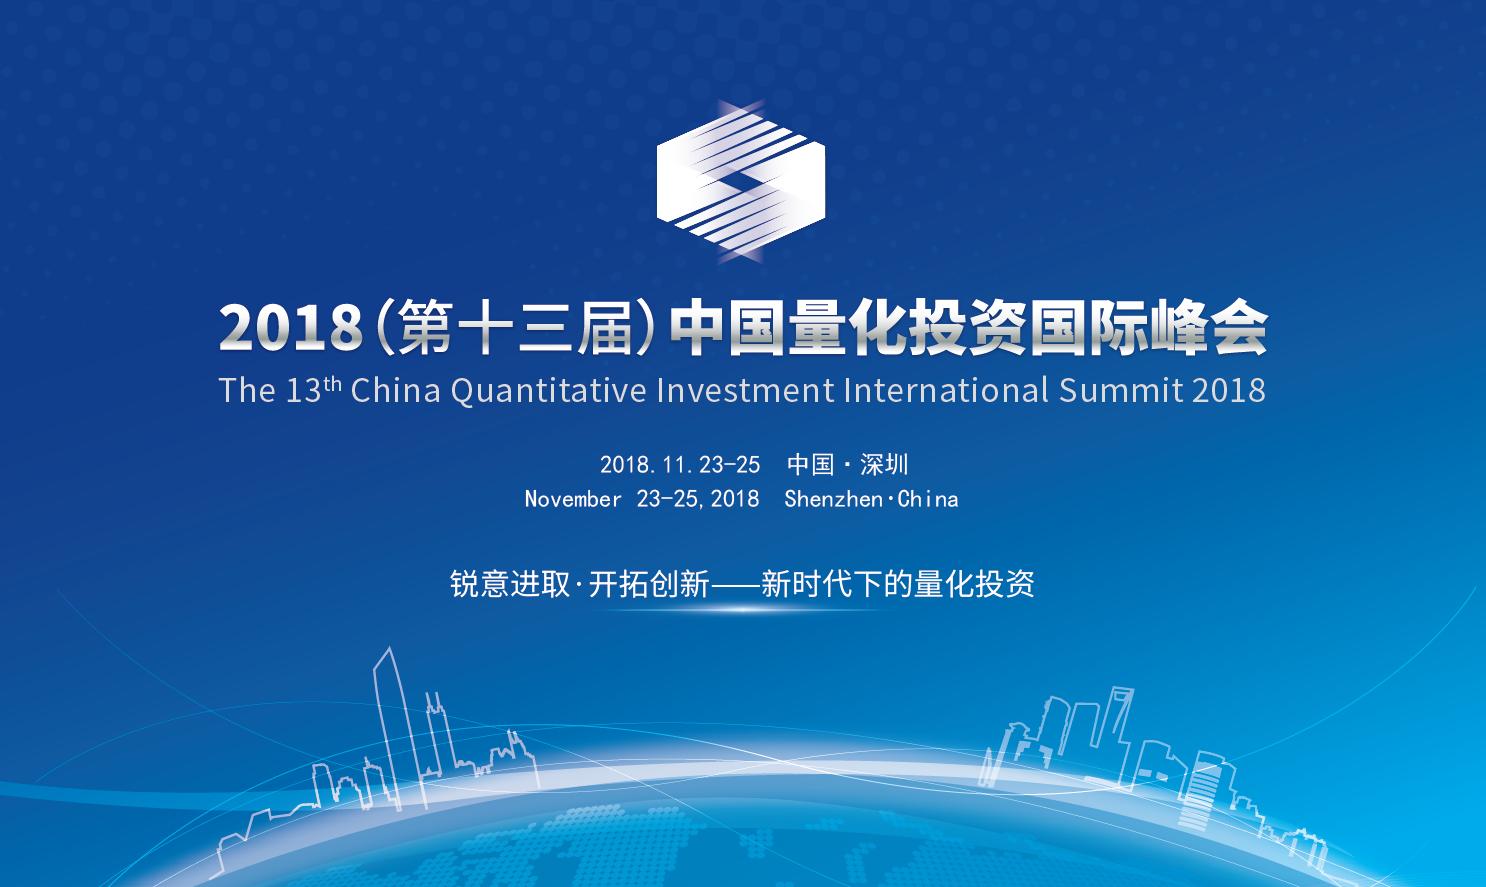 2018(第十三届)量化投资国际峰会